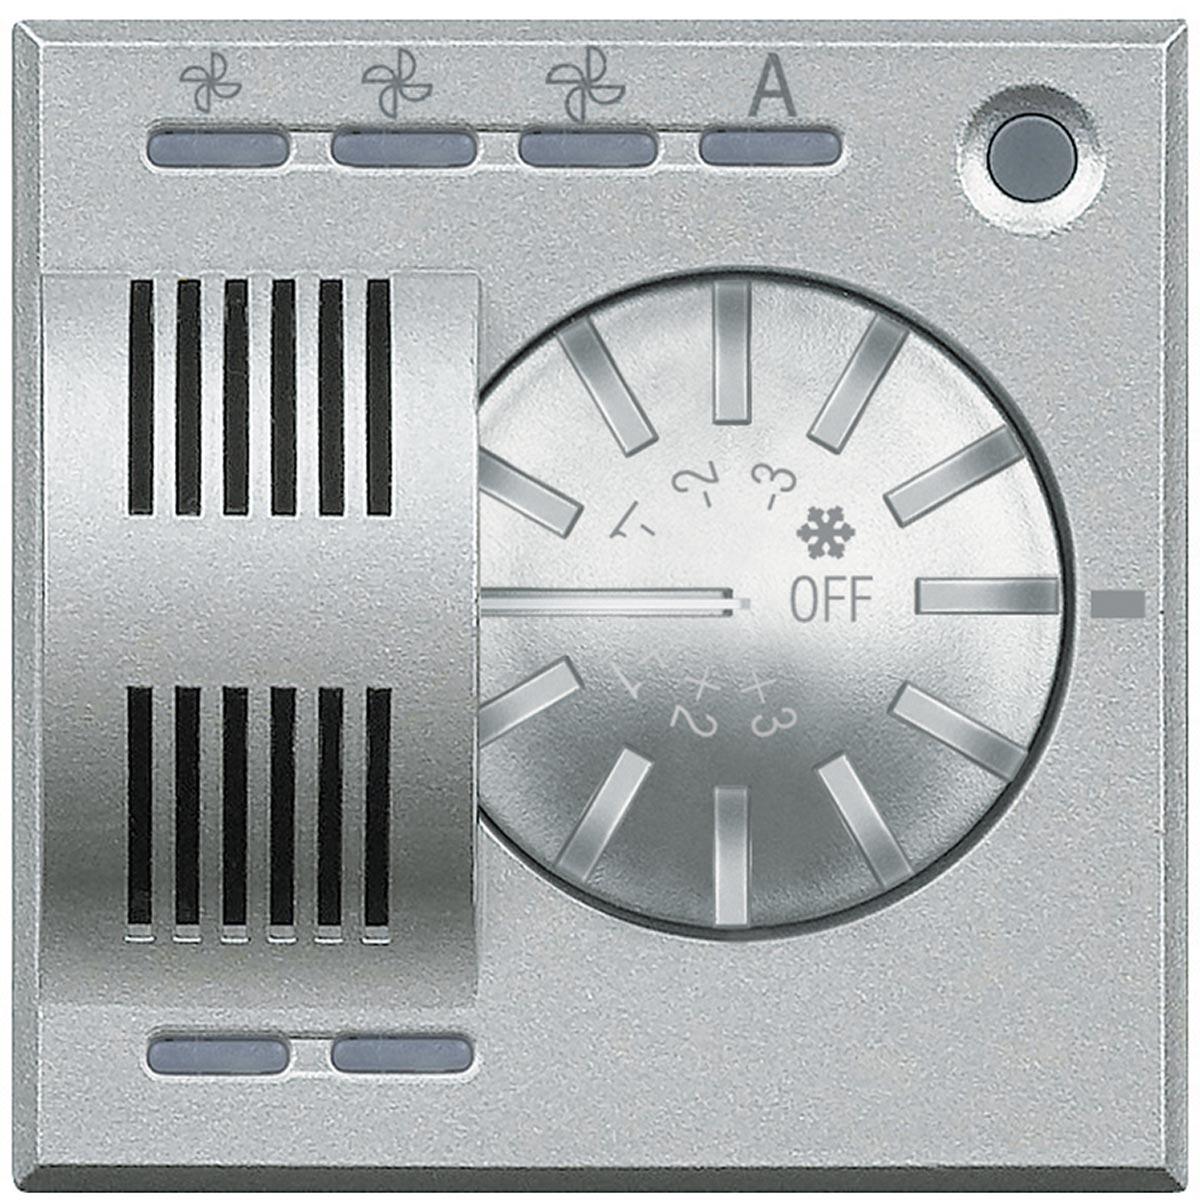 HC4692FAN axolute bticino termostato ambiente chiara